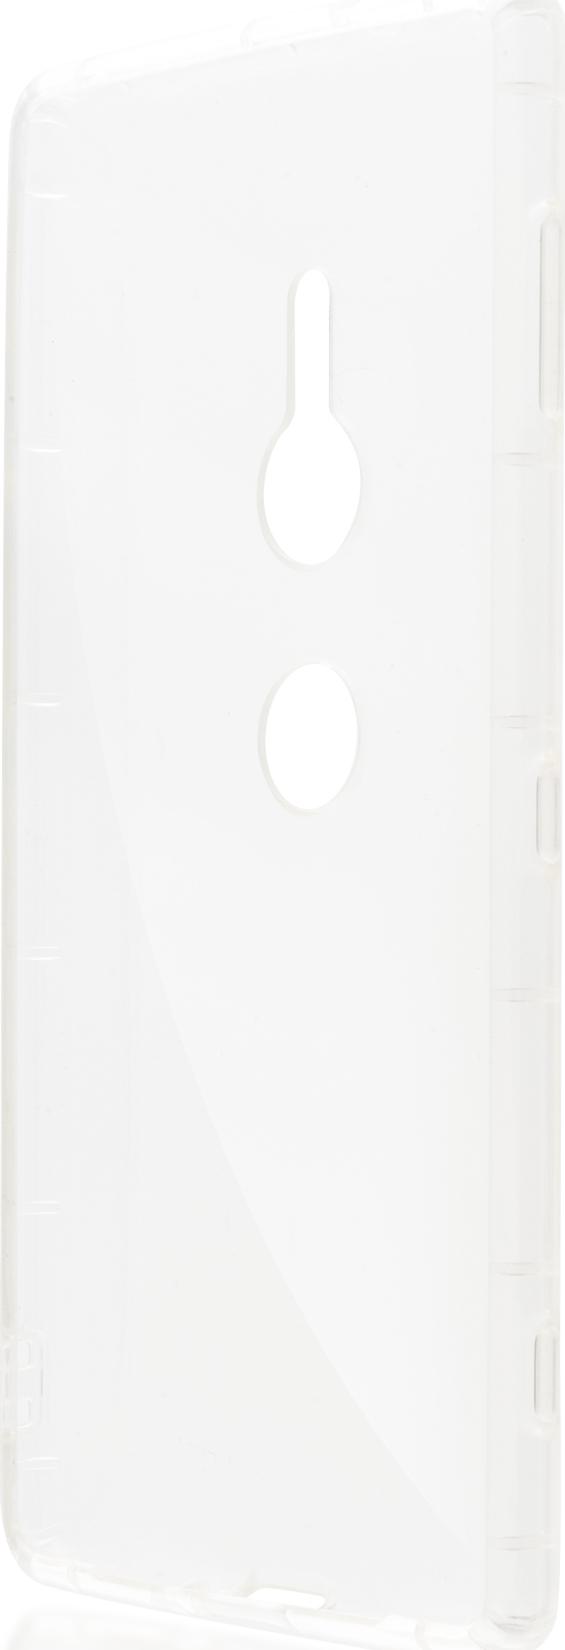 Чехол Brosco Hard для Sony Xperia XZ2, прозрачный